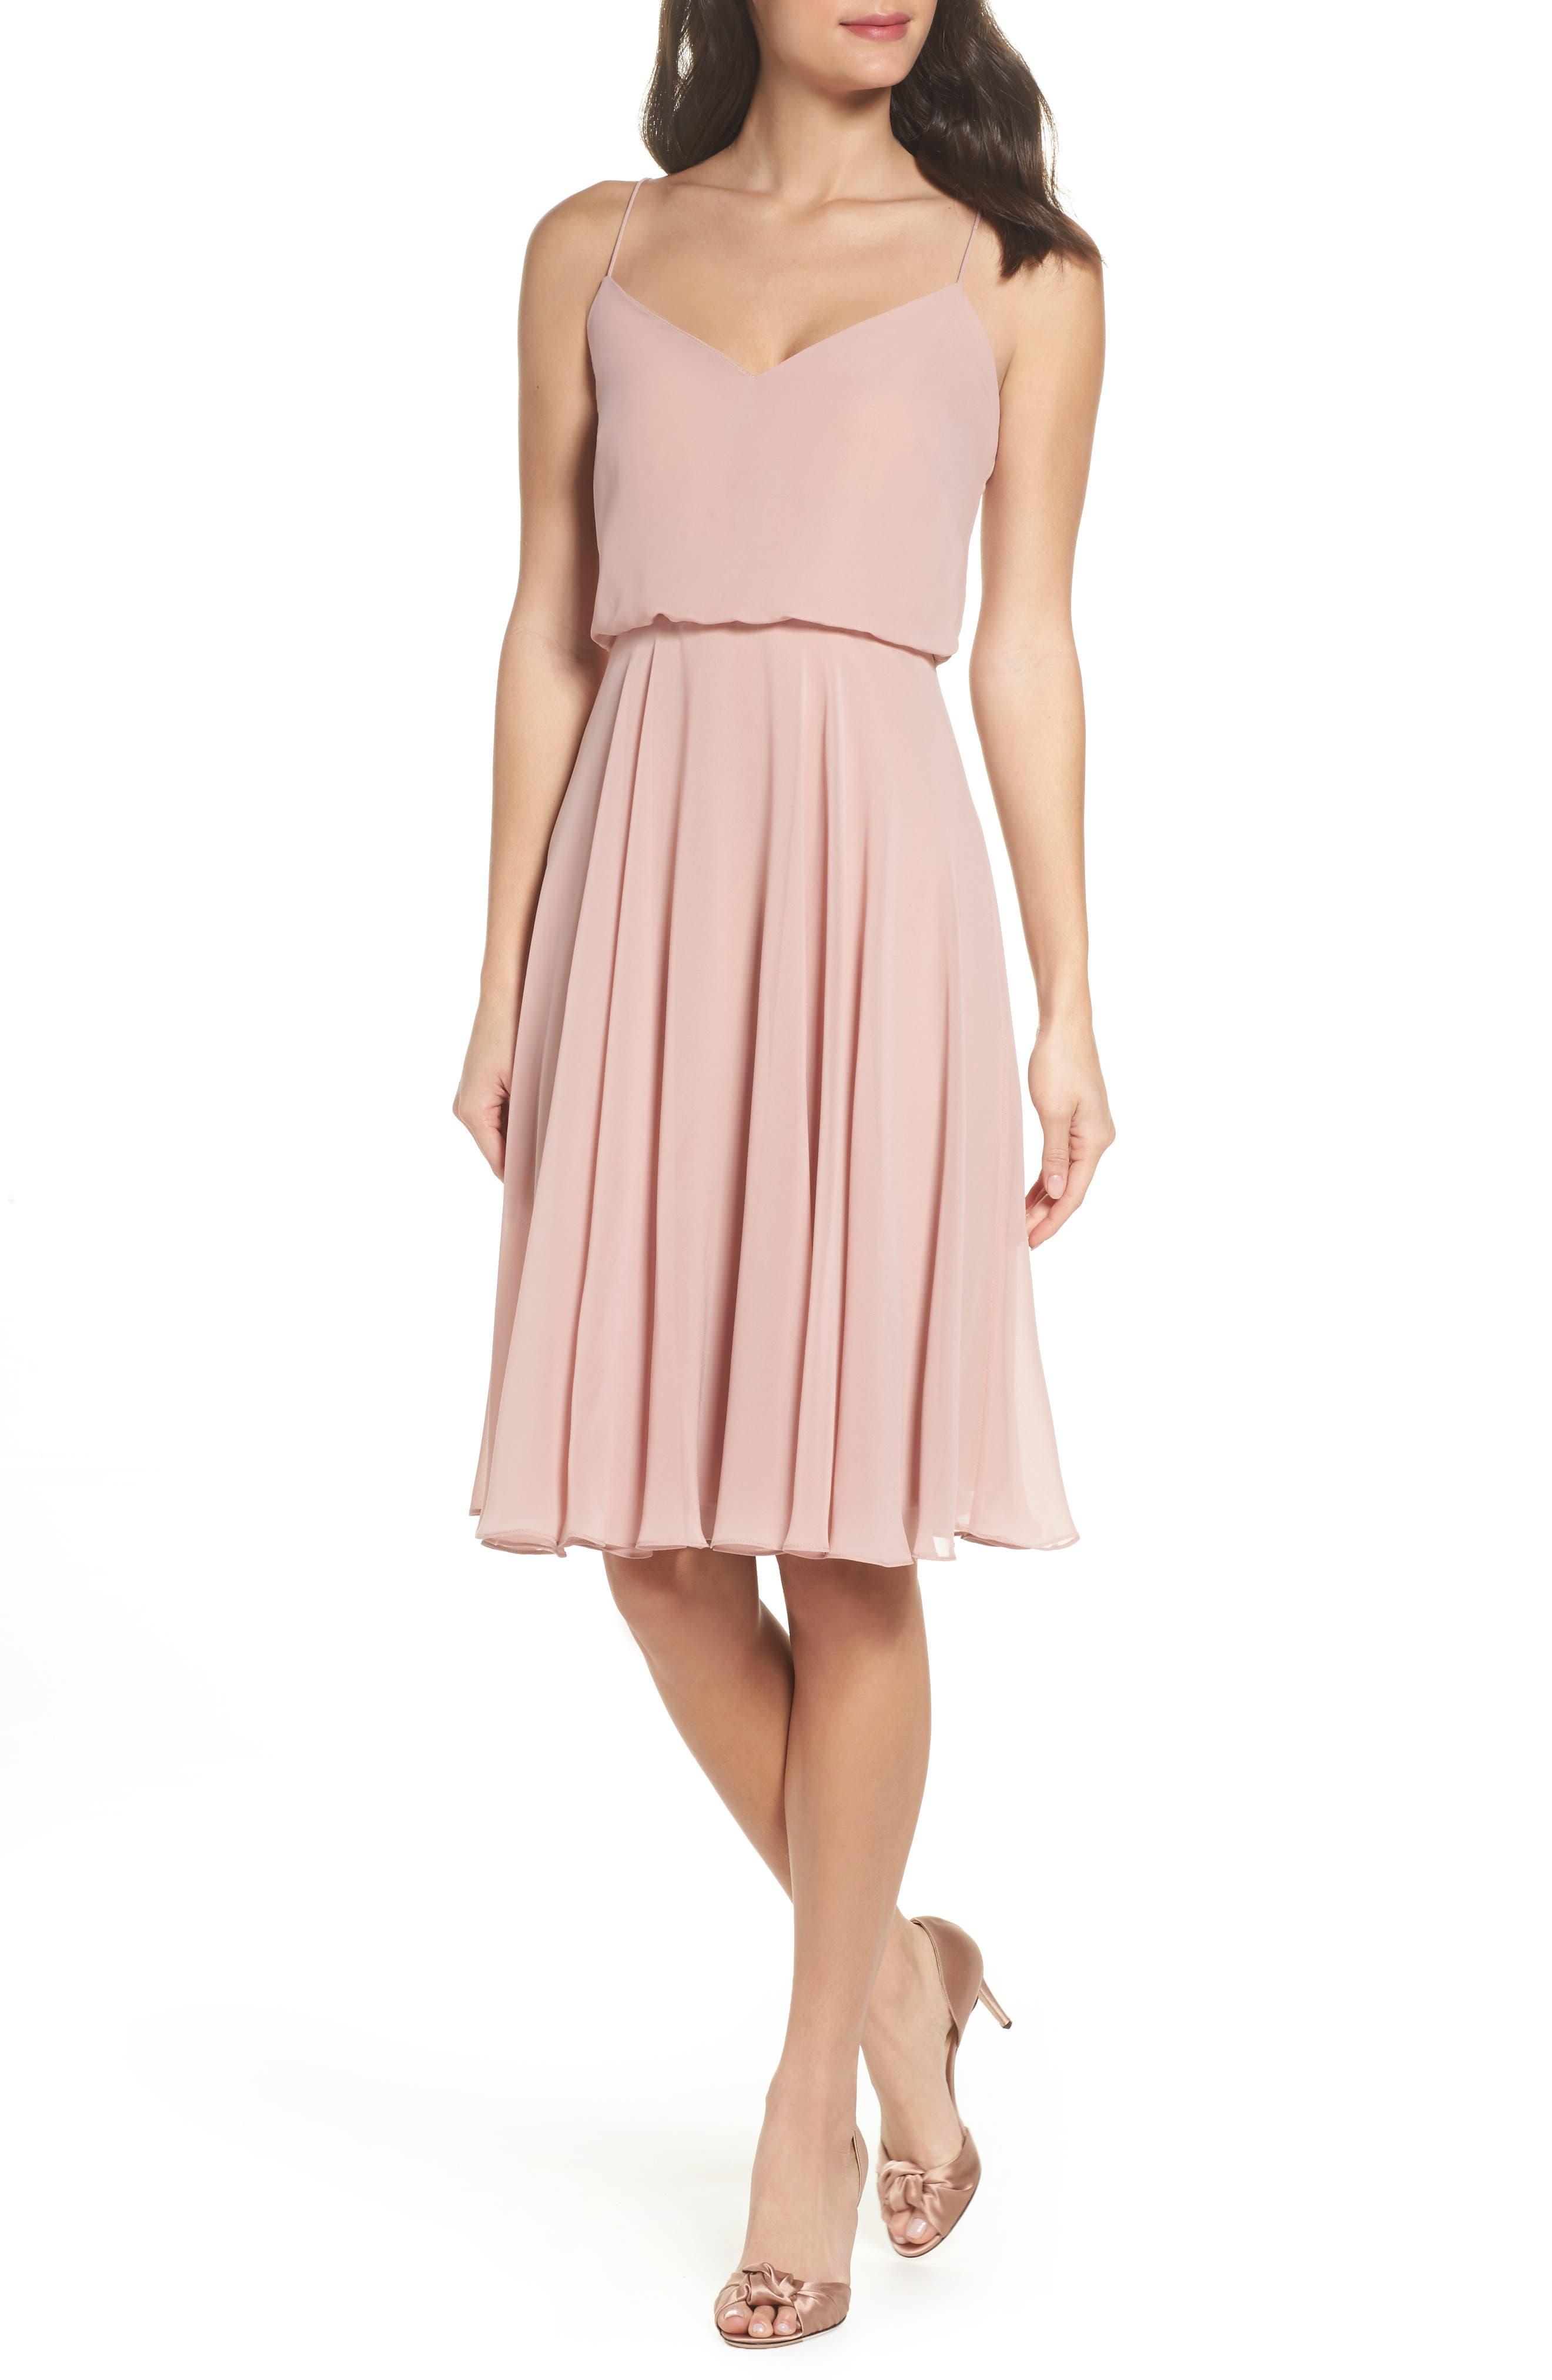 SIENNA CHIFFON DRESS